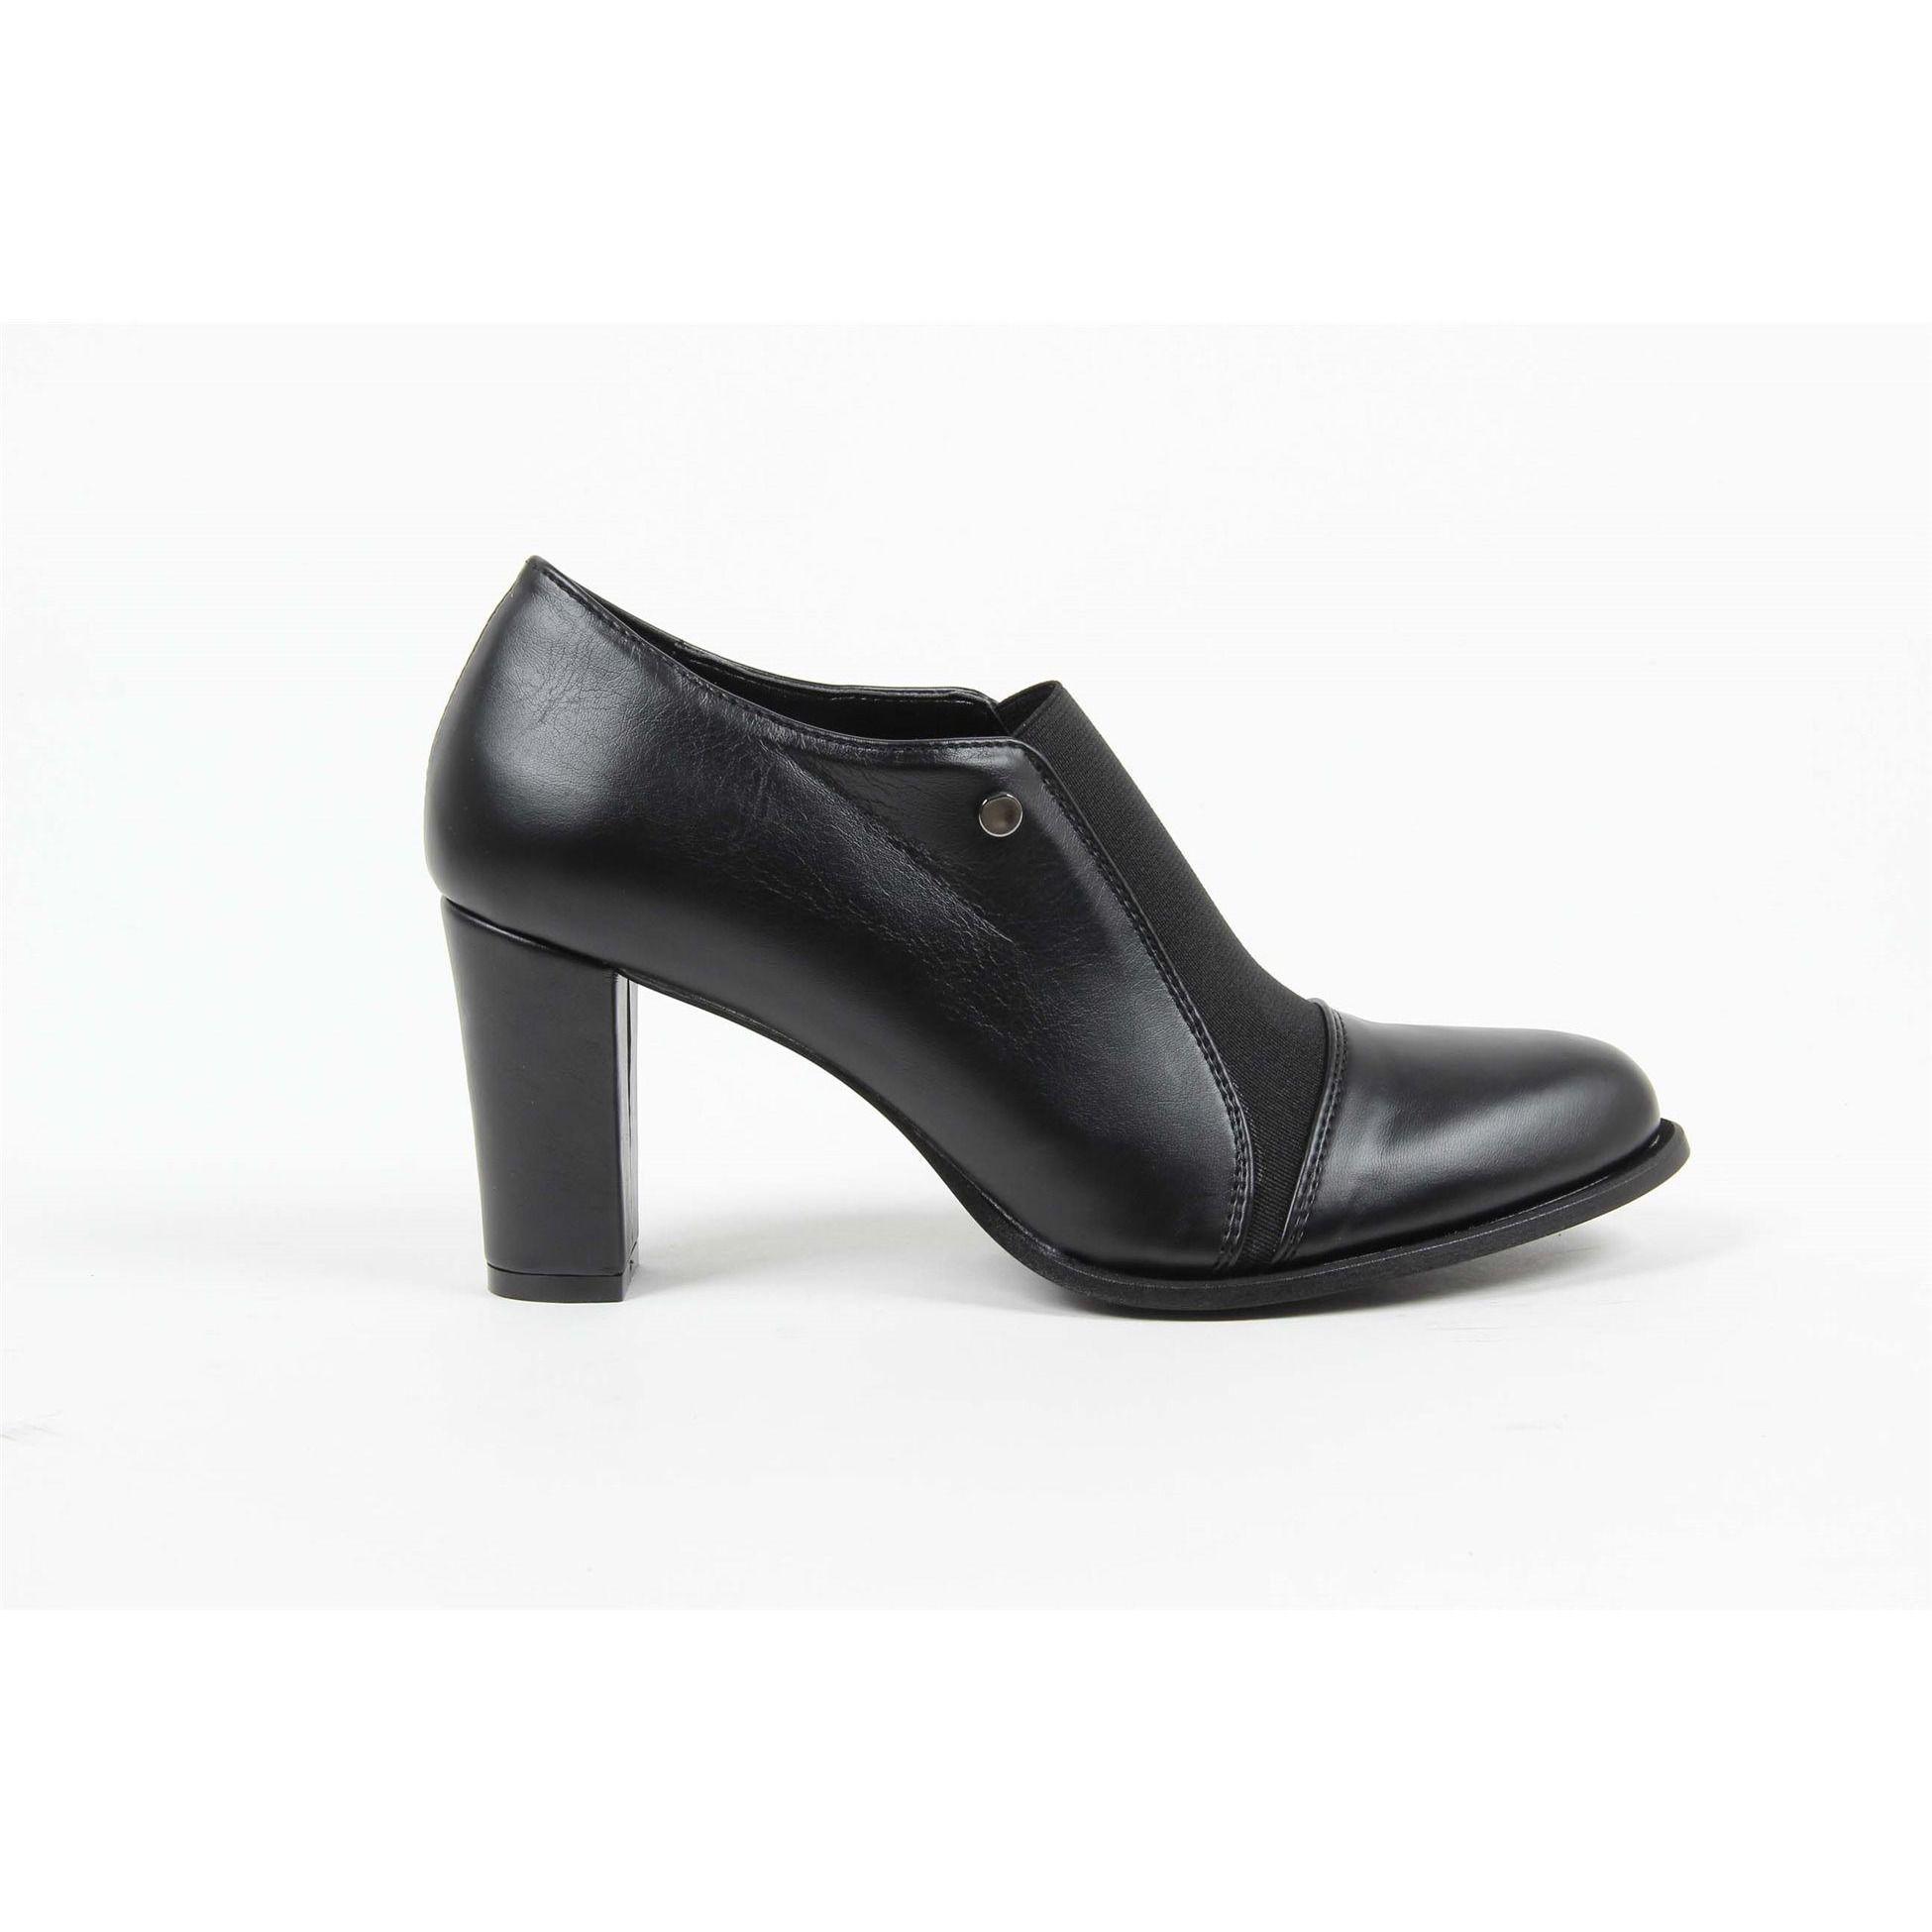 Versace 19.69 Abbigliamento Sportivo Srl Milano Italia Womens Ankle Boot 9352 PRINC. NERO